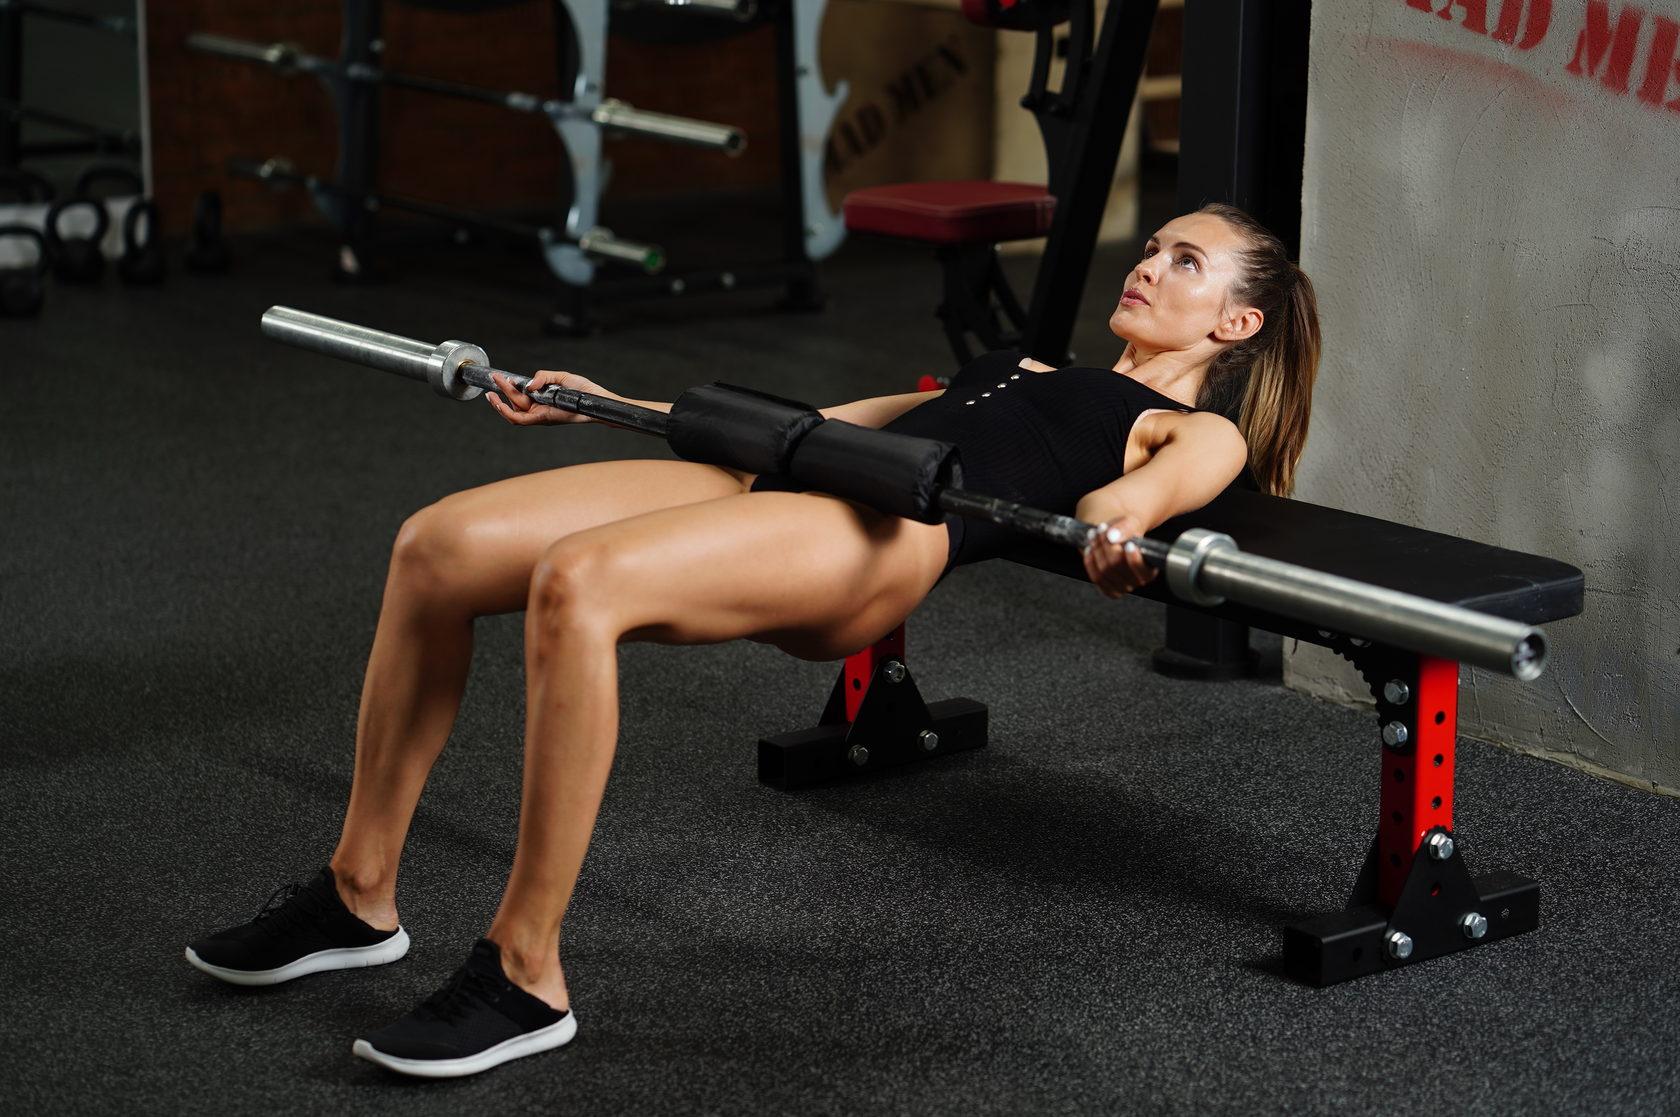 Кардио До Или После Тренировки Для Похудения. Кардио до или после силовой тренировки